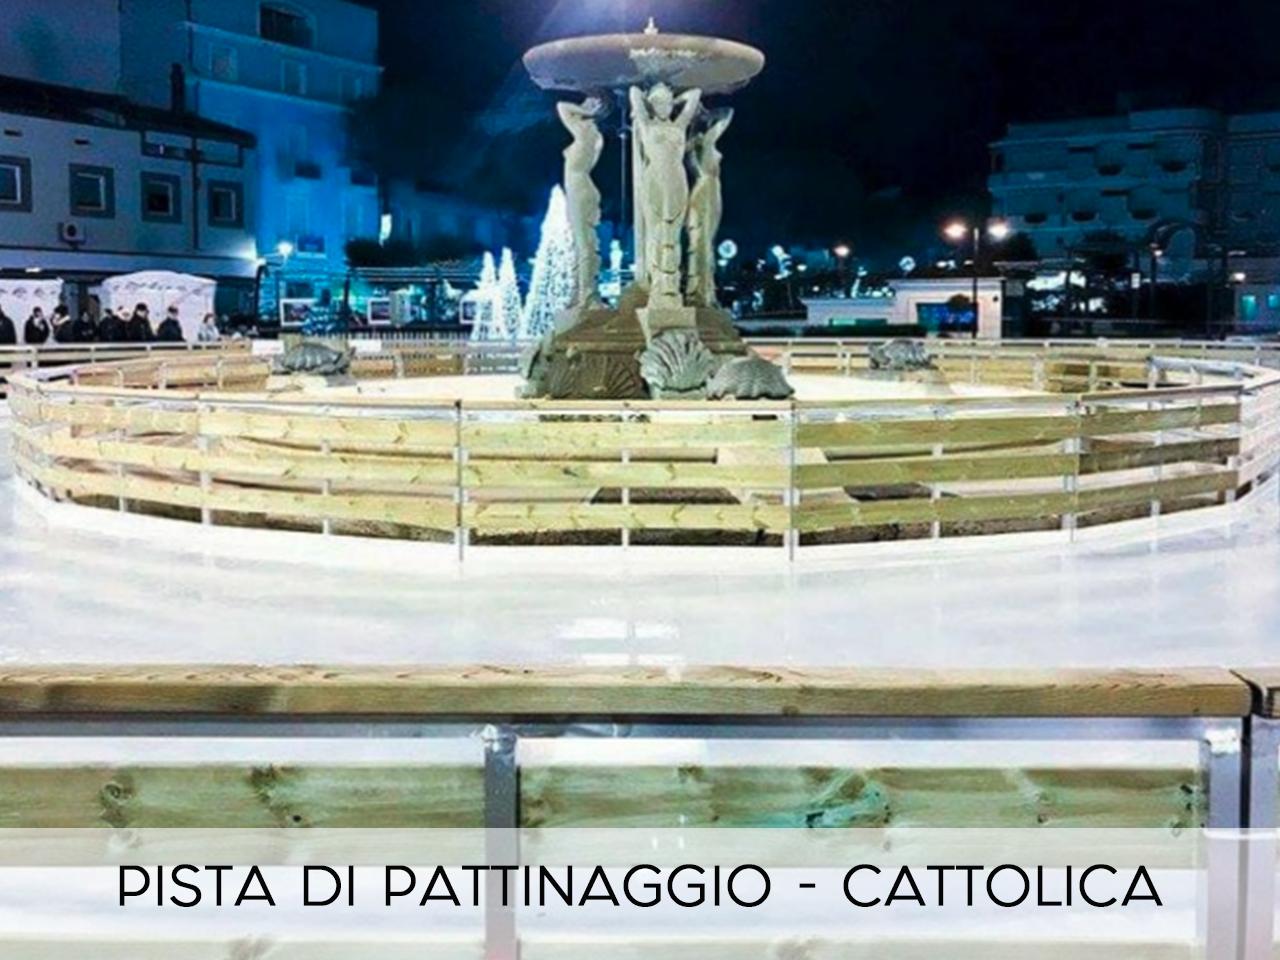 pista di pattinaggio - Cattolica